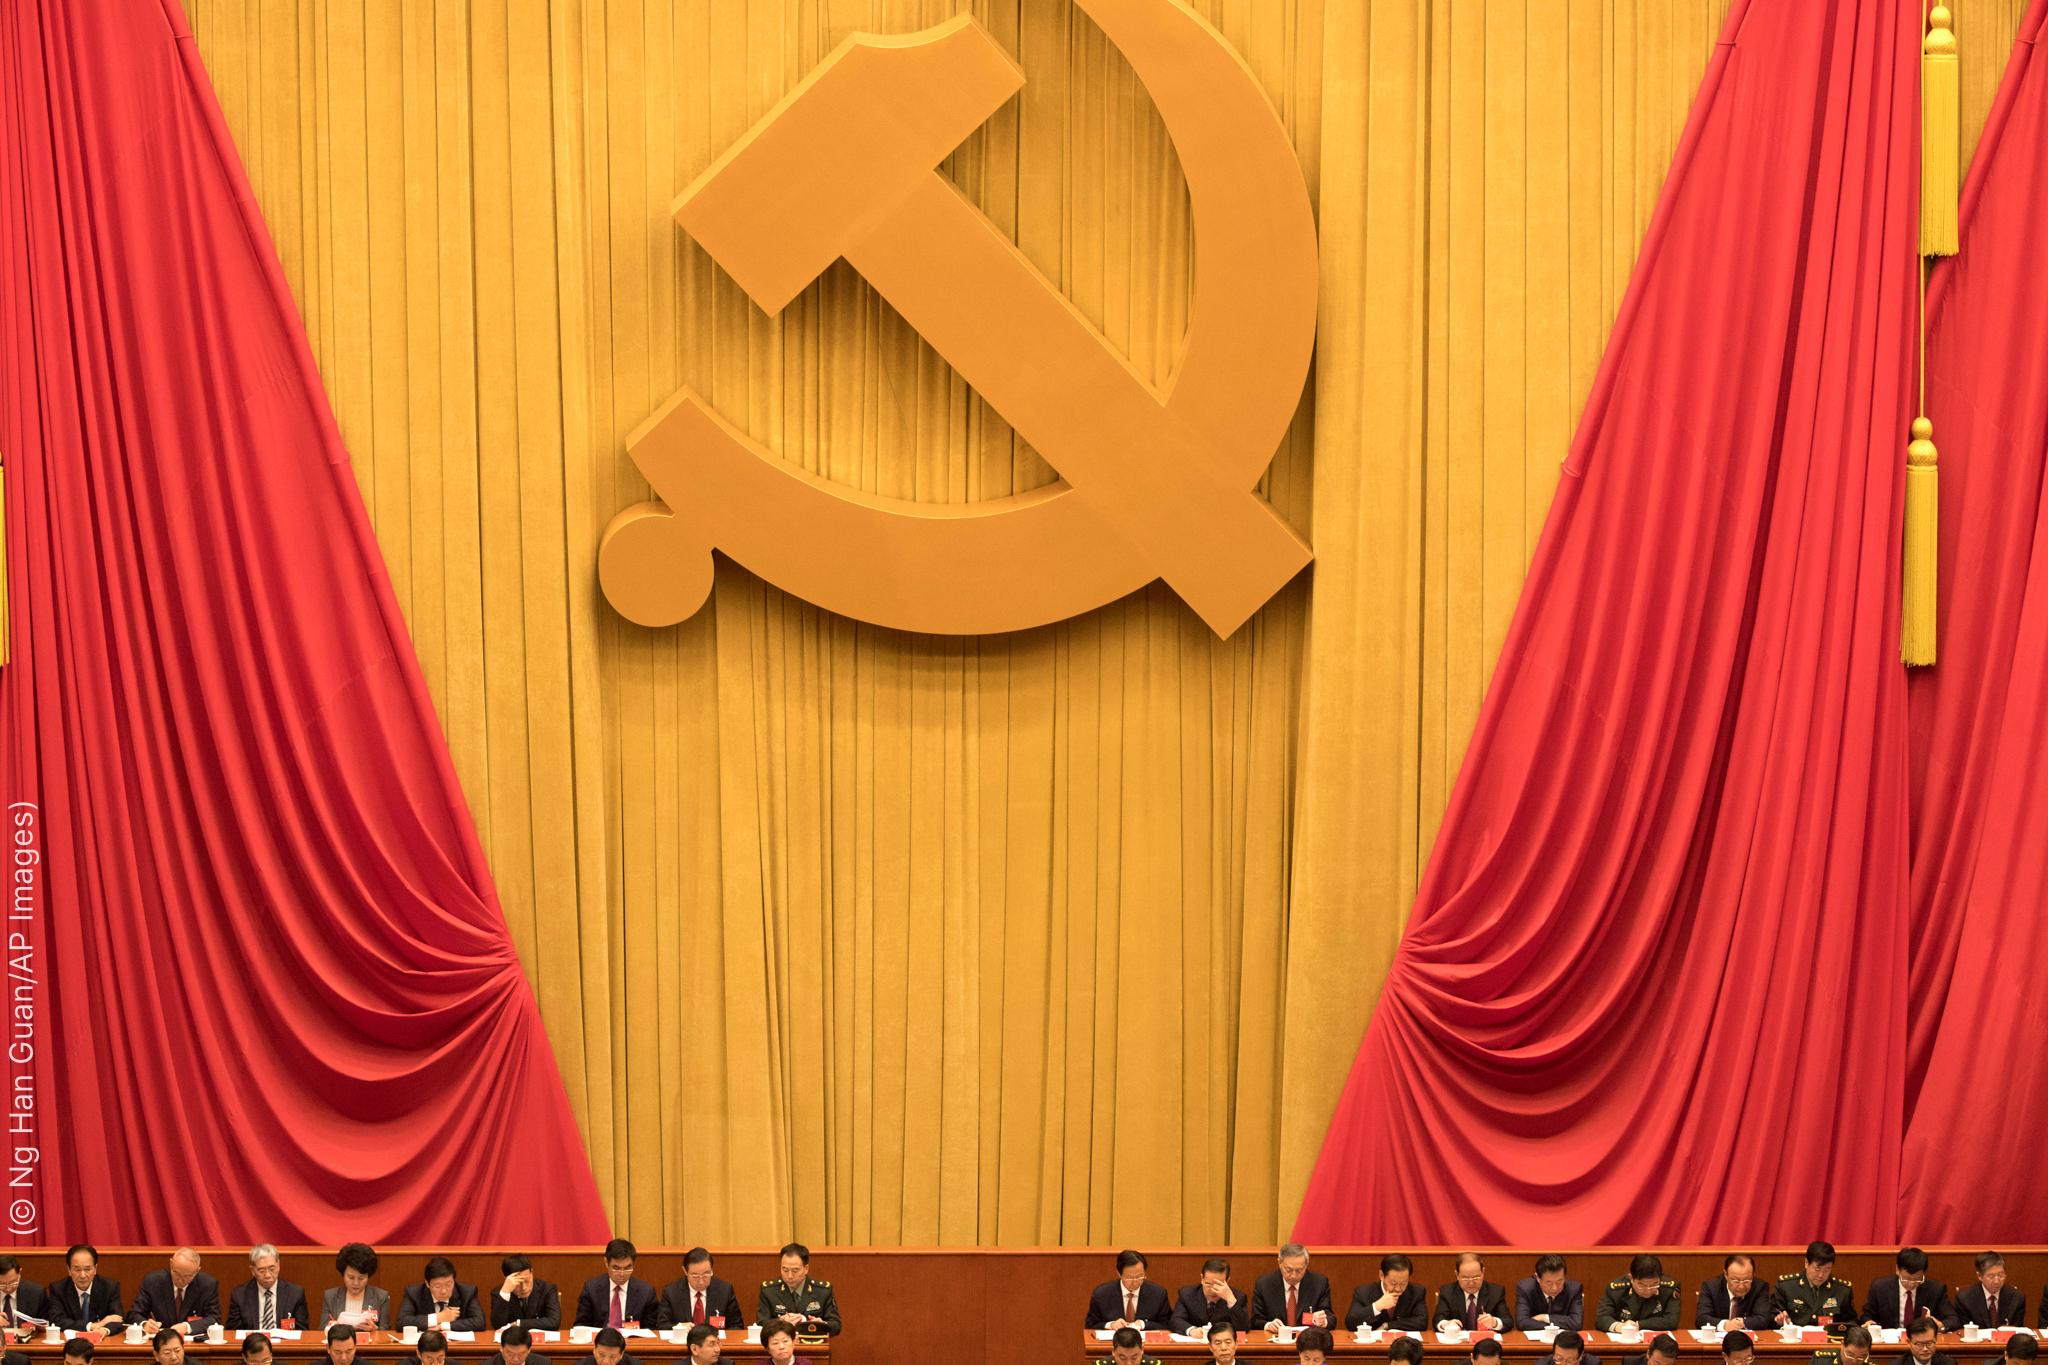 أشخاص جالسون وفوقهم مجموعة ستائر على إحداها رسم كبير لشعار المطرقة والمنجل. (© Ng Han Guan/AP Images)